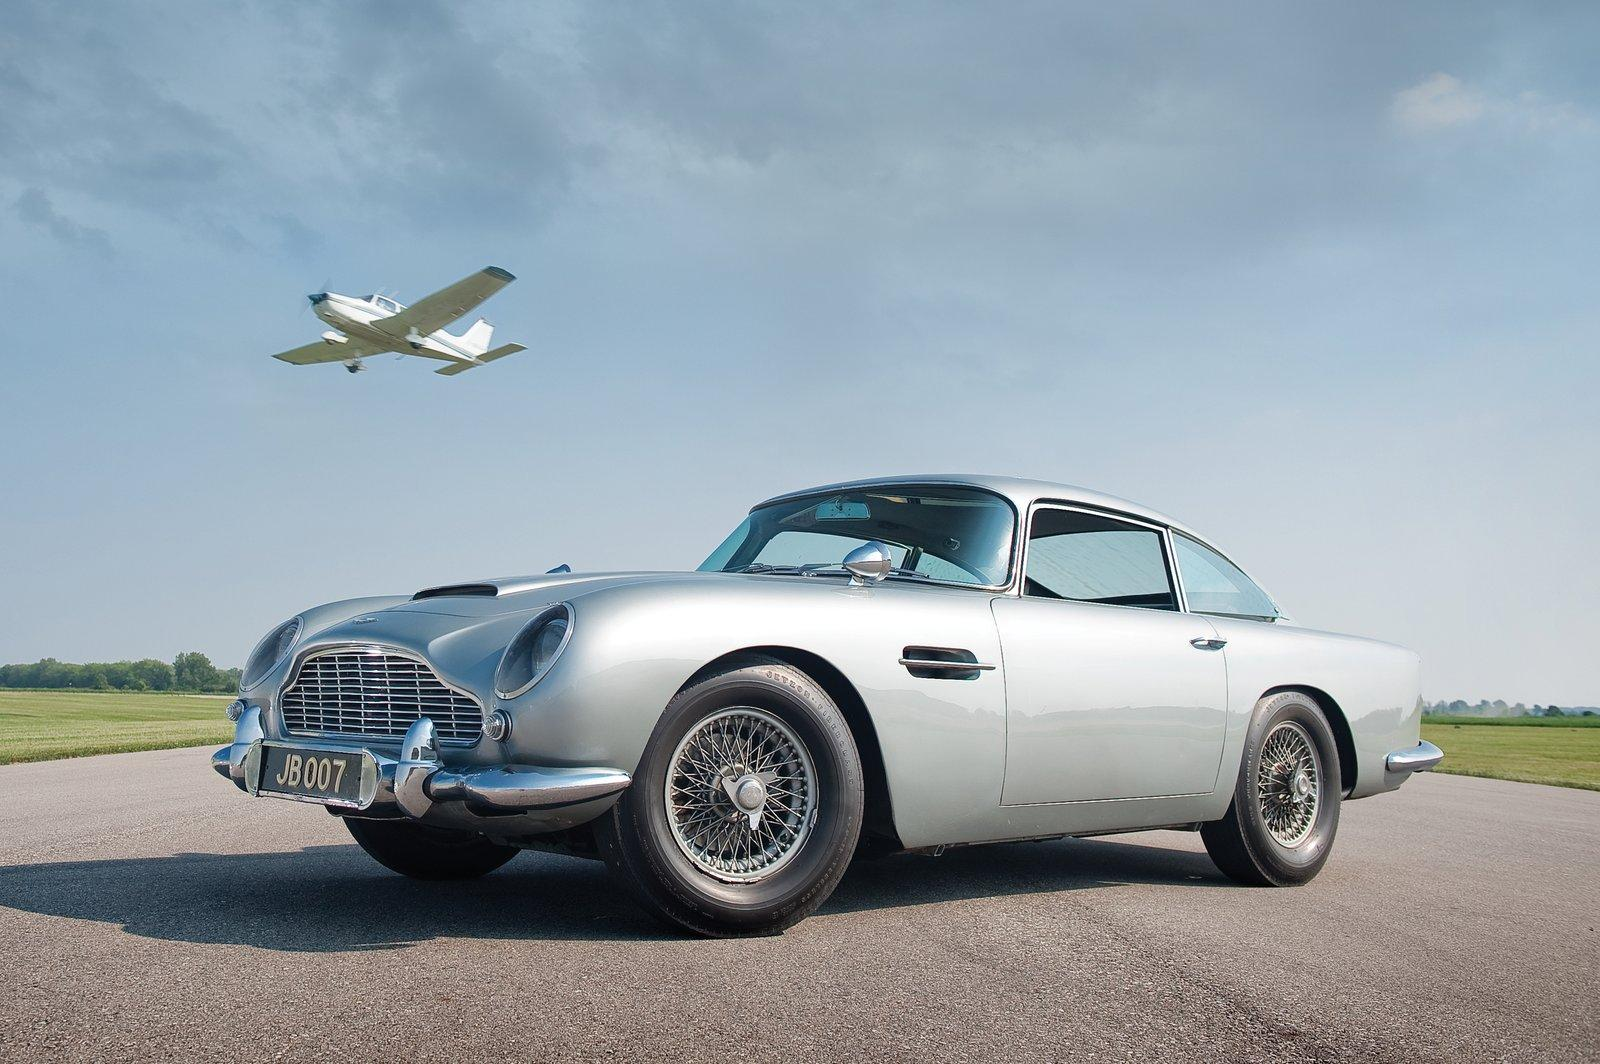 sketchbook historic cars 1984 aston martin db5 james bond 007. Black Bedroom Furniture Sets. Home Design Ideas